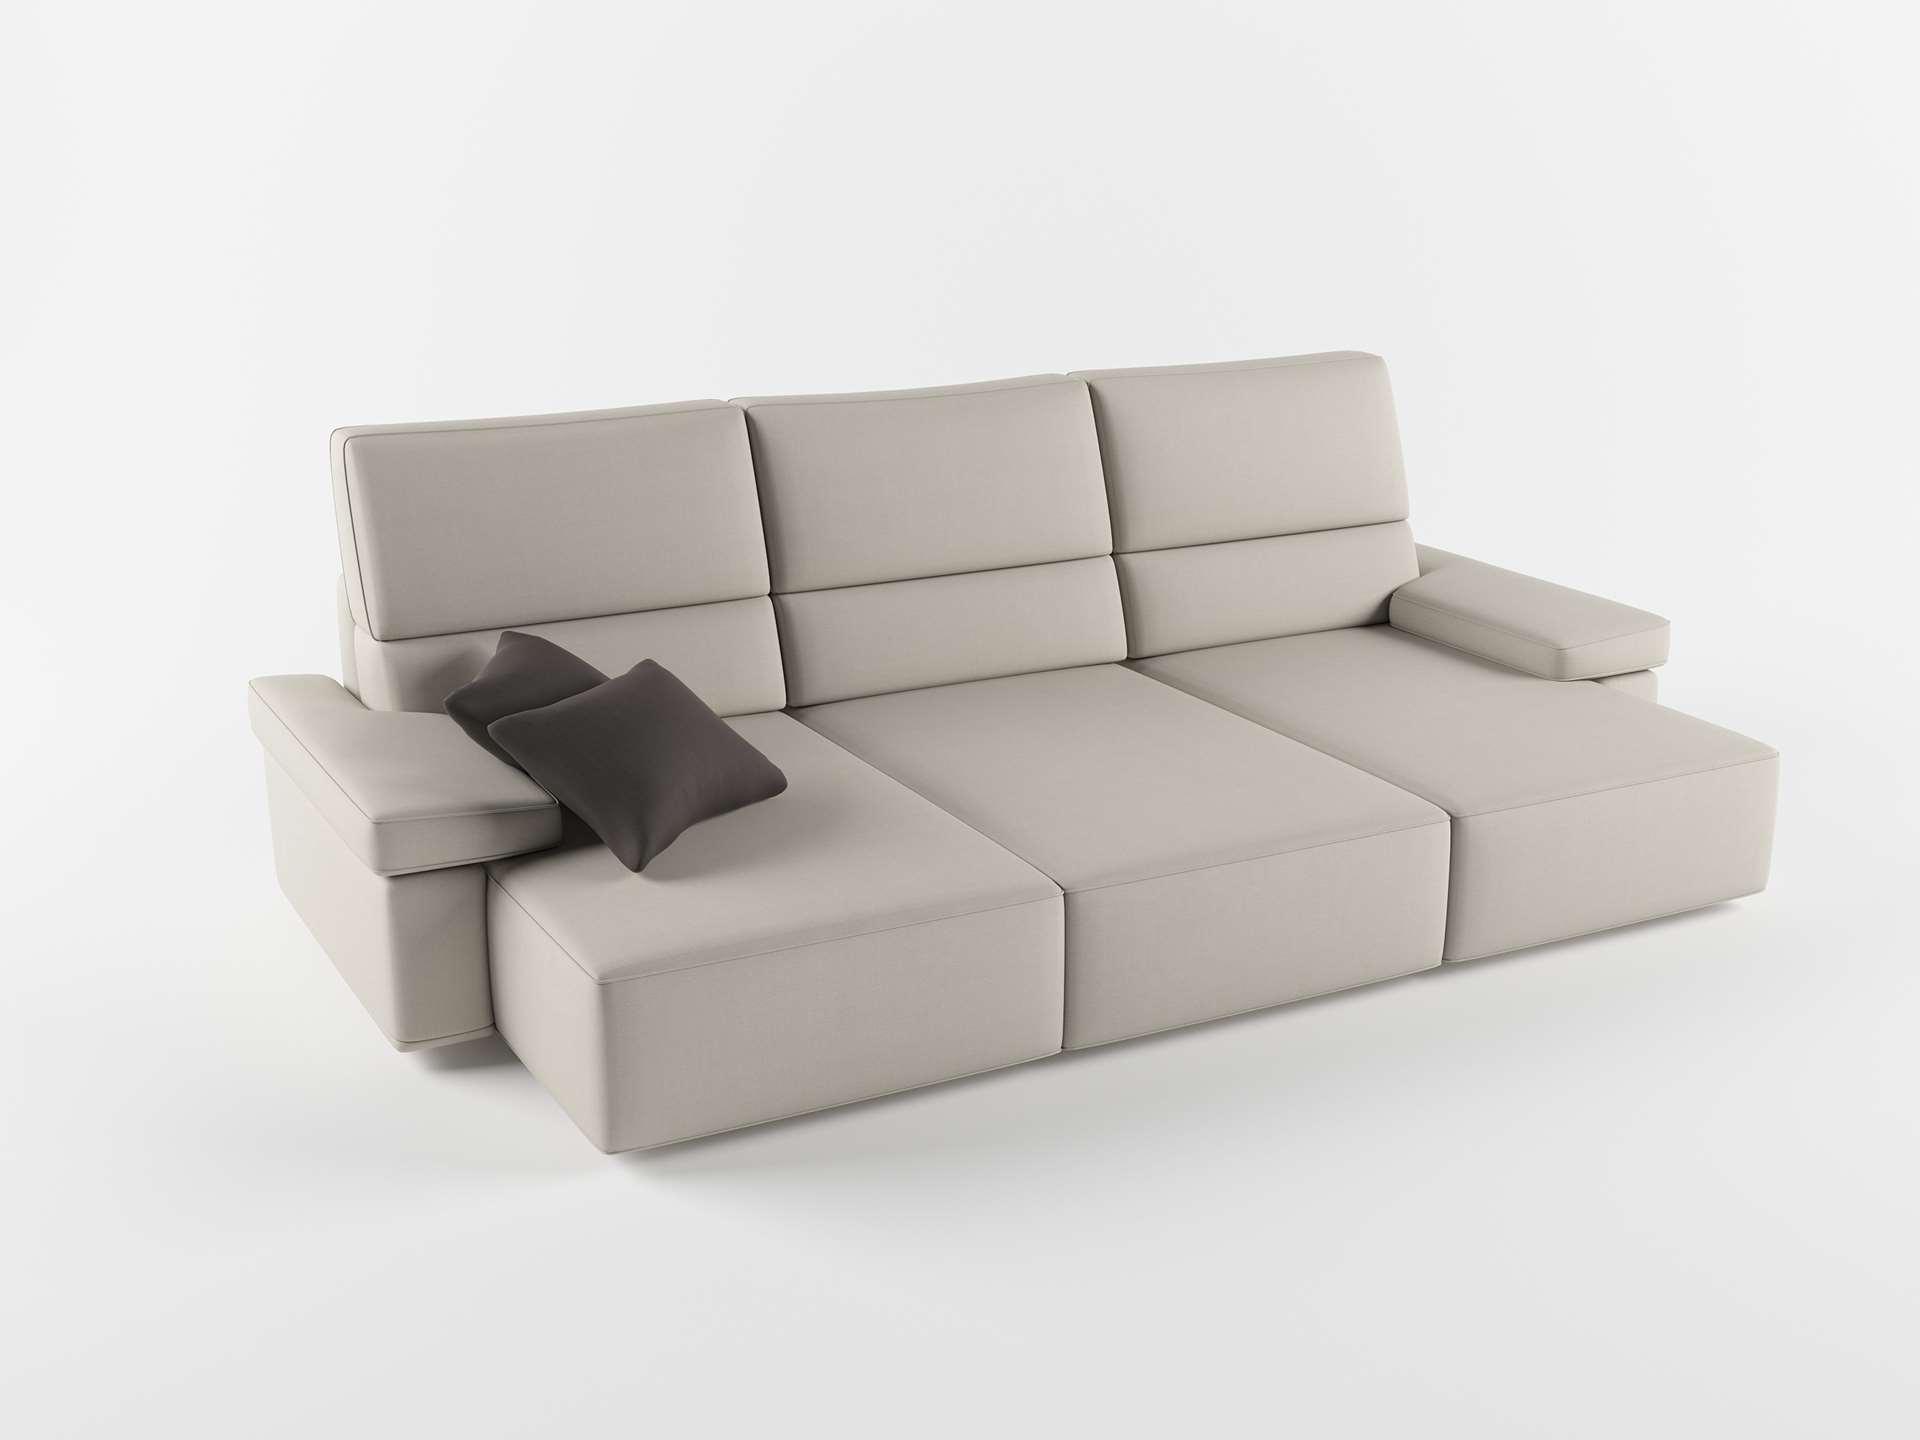 Sofá 3D Seccional FabricaSofas Niza